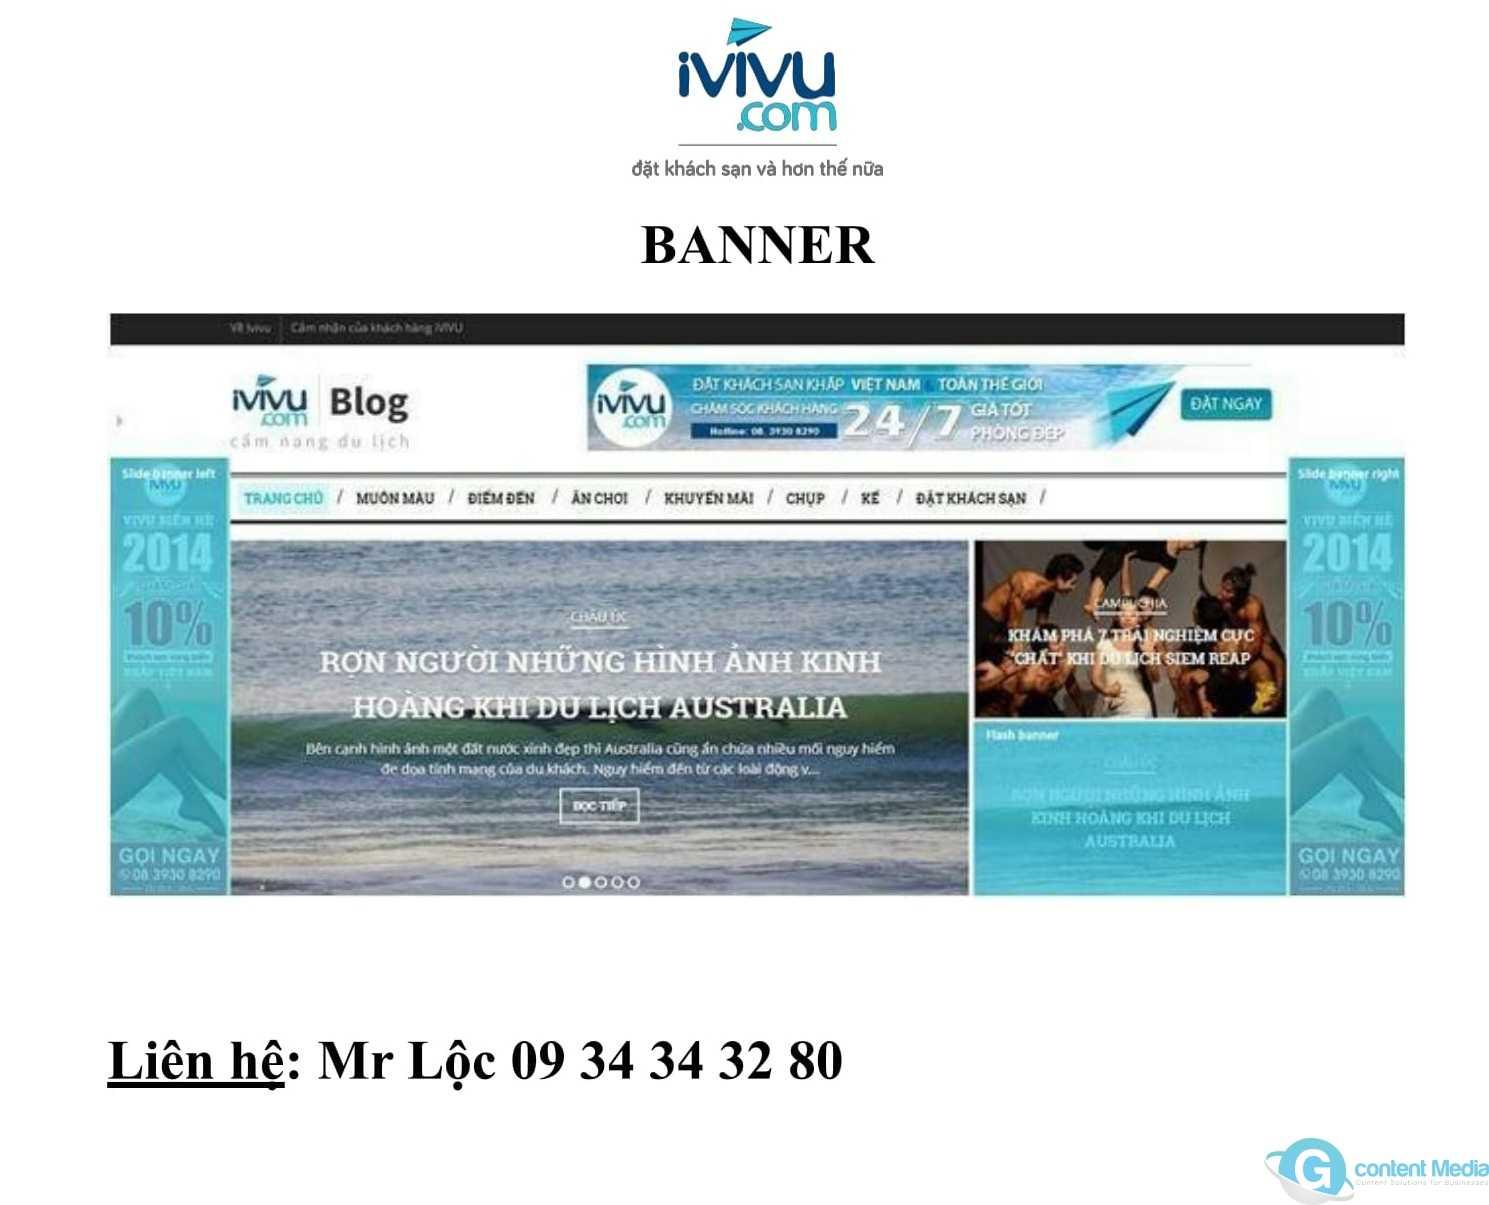 Bảng giá quảng cáo ivivu.com update mới nhất